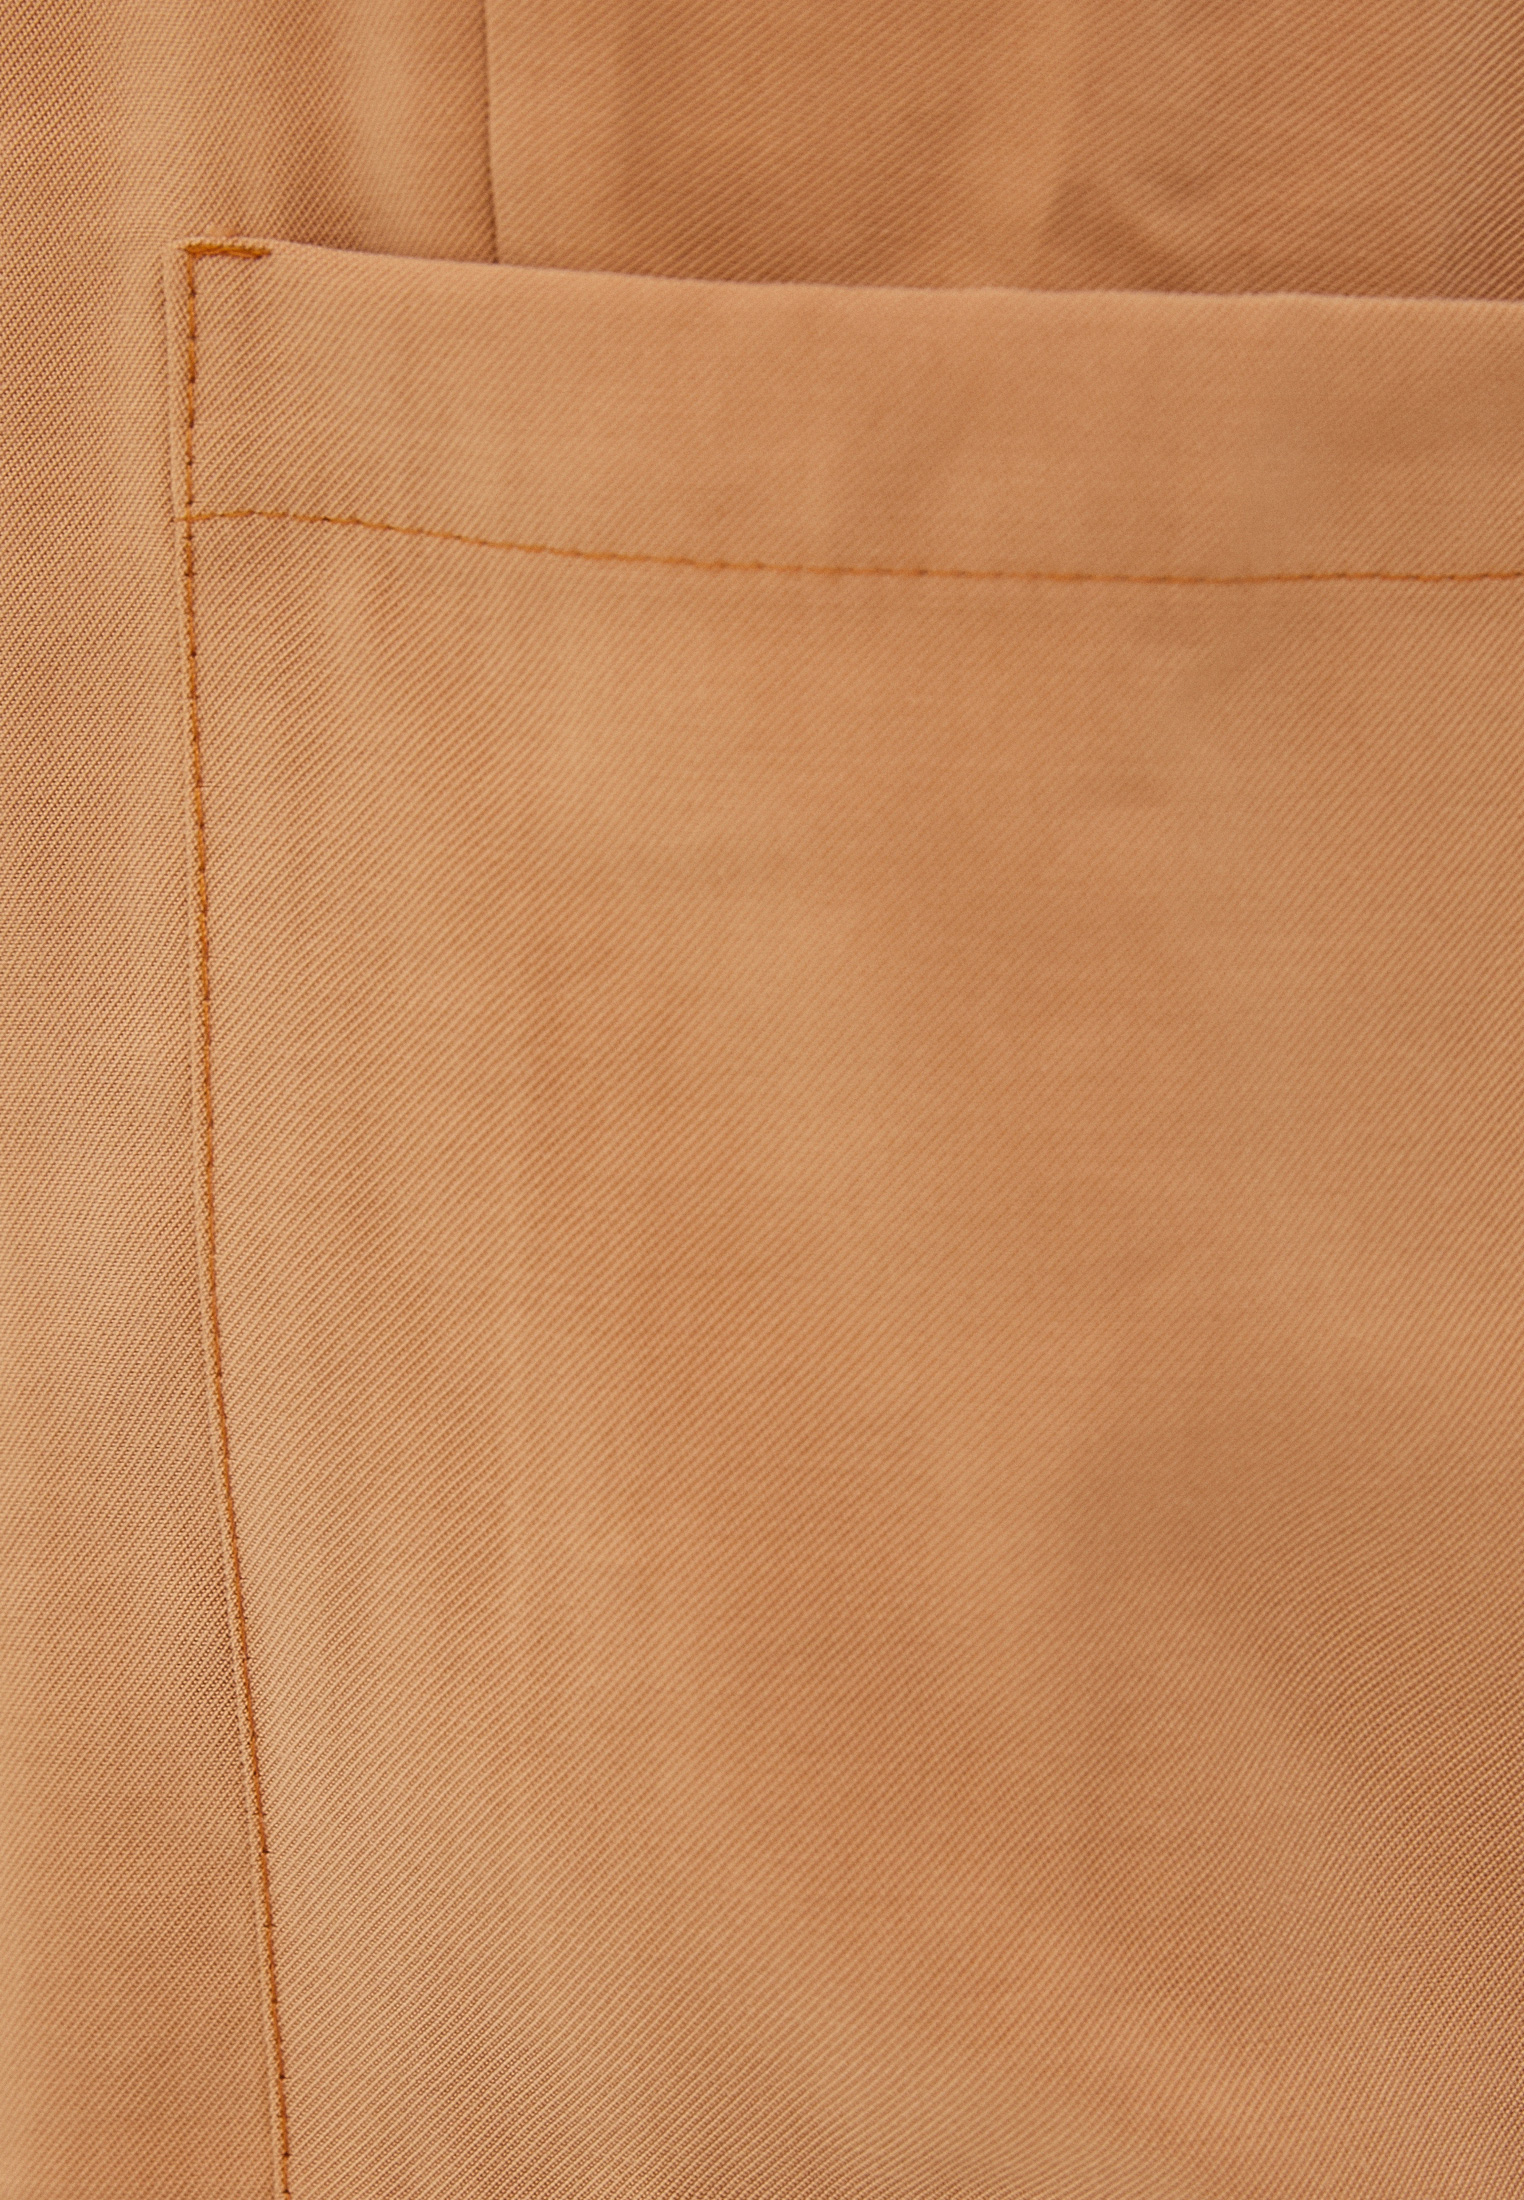 Женские широкие и расклешенные брюки Nataliy Beate Брюки мод.403: изображение 4